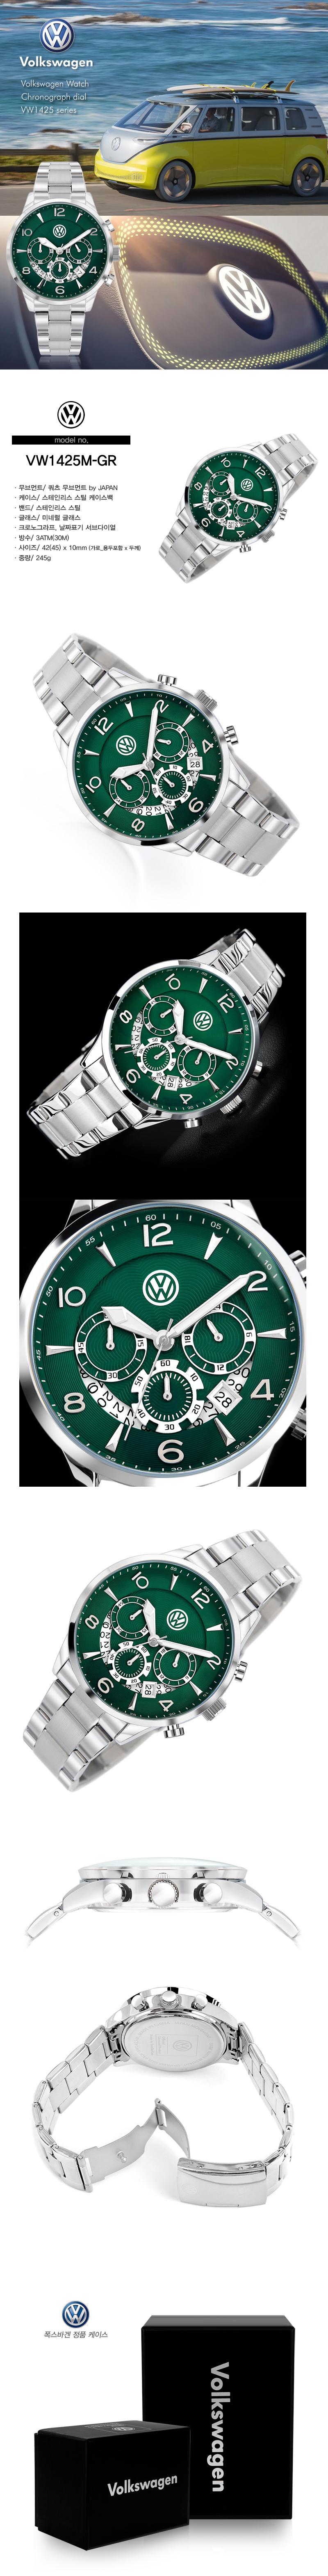 폭스바겐 와치(VOLKSVAGEN WATCH) 폭스바겐 크로노그래프 메탈시계 VW1425M-GR